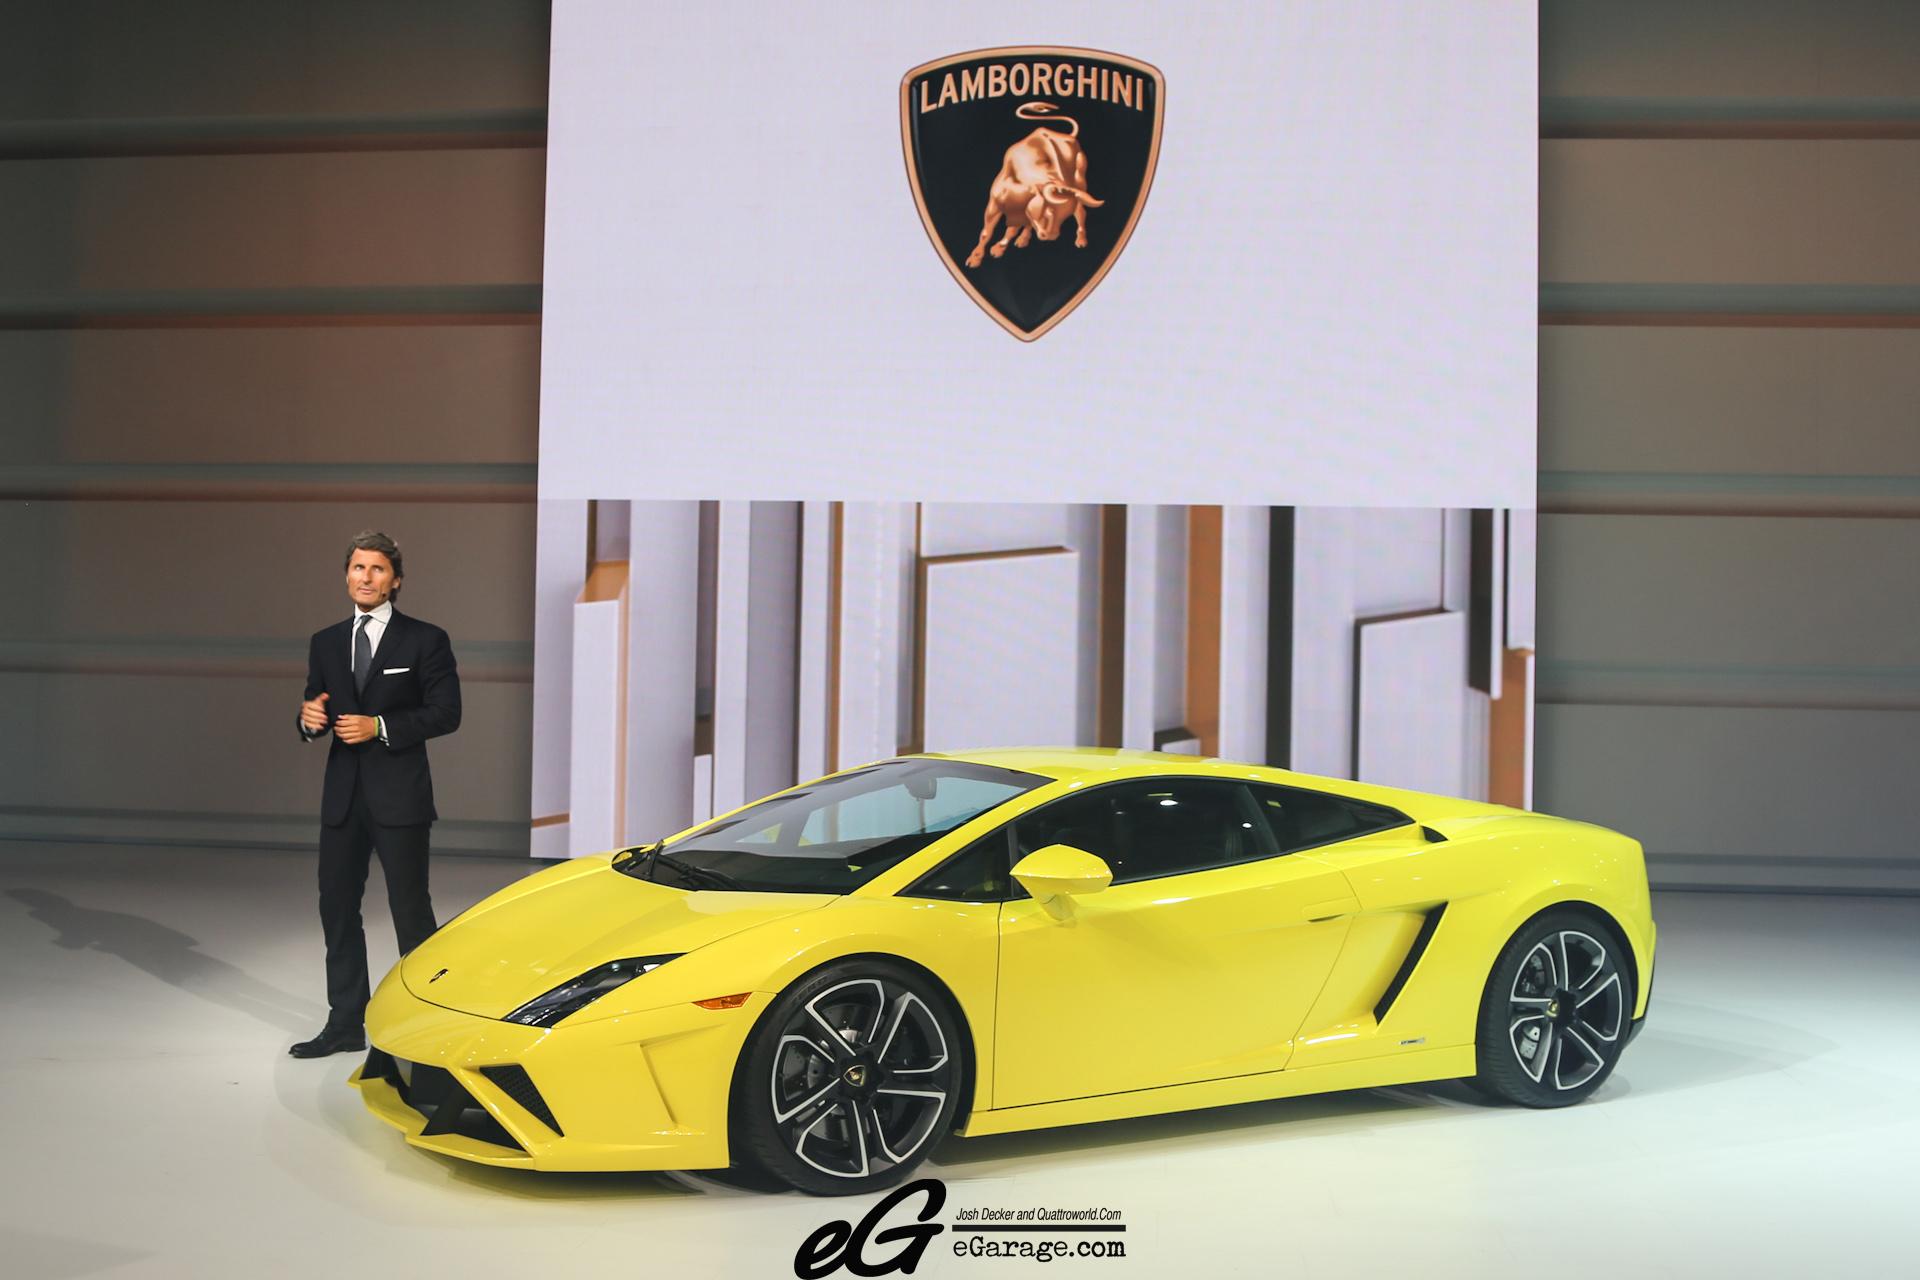 8030383228 31aba941da o 2012 Paris Motor Show